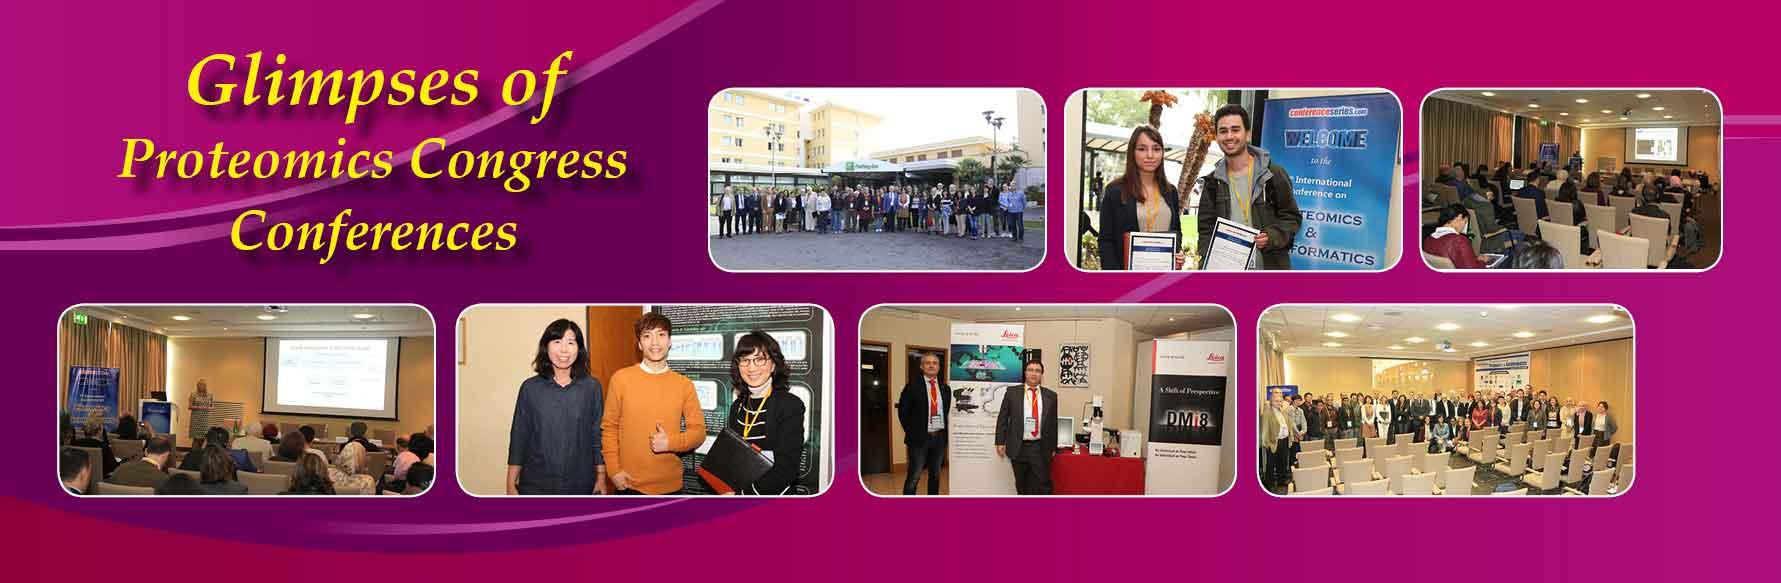 - Proteomics Congress 2017